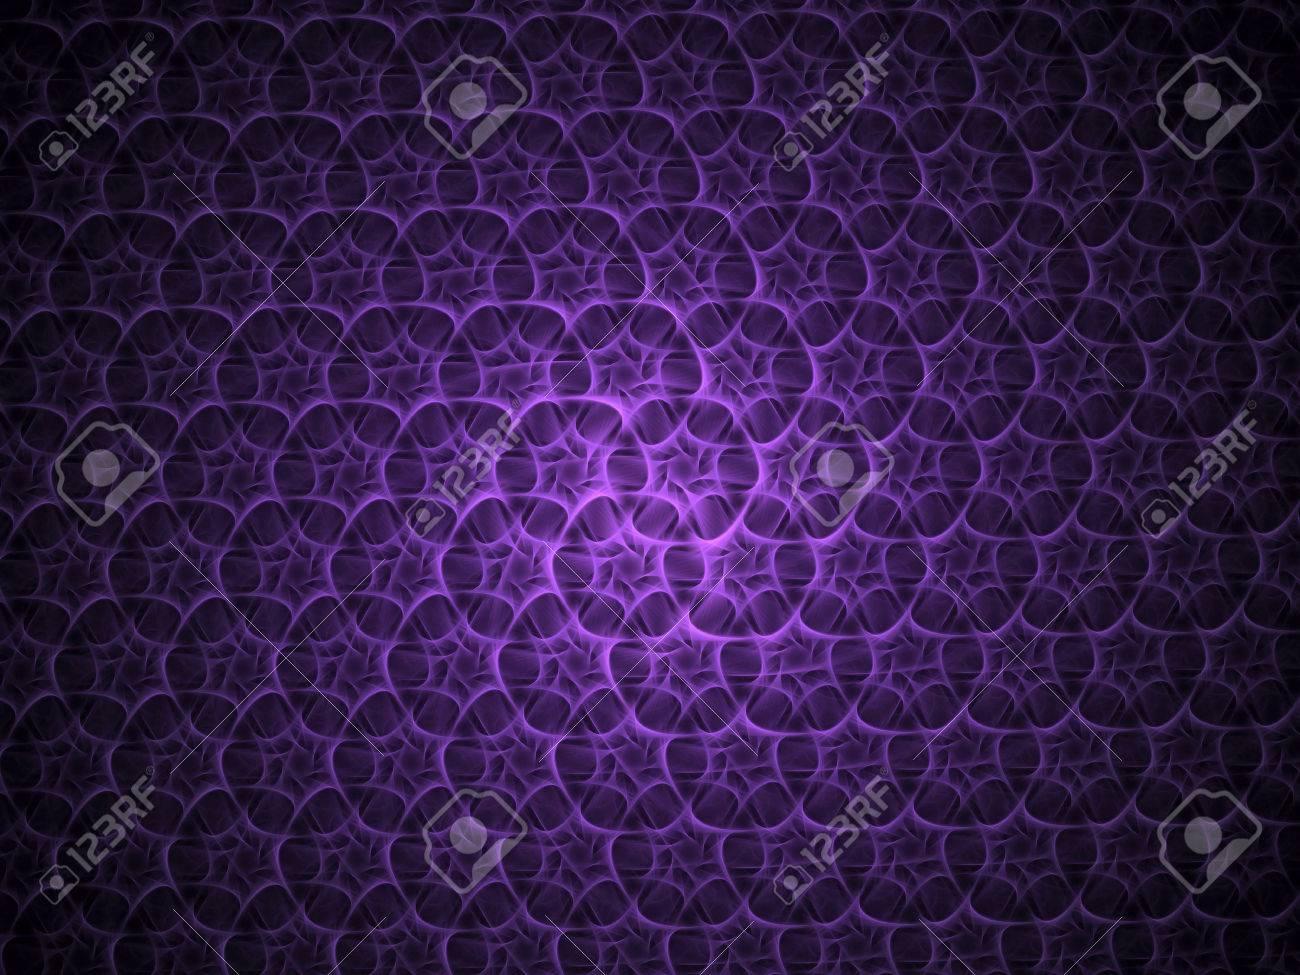 紫と黒の背景の壁紙 の写真素材 画像素材 Image 30724378